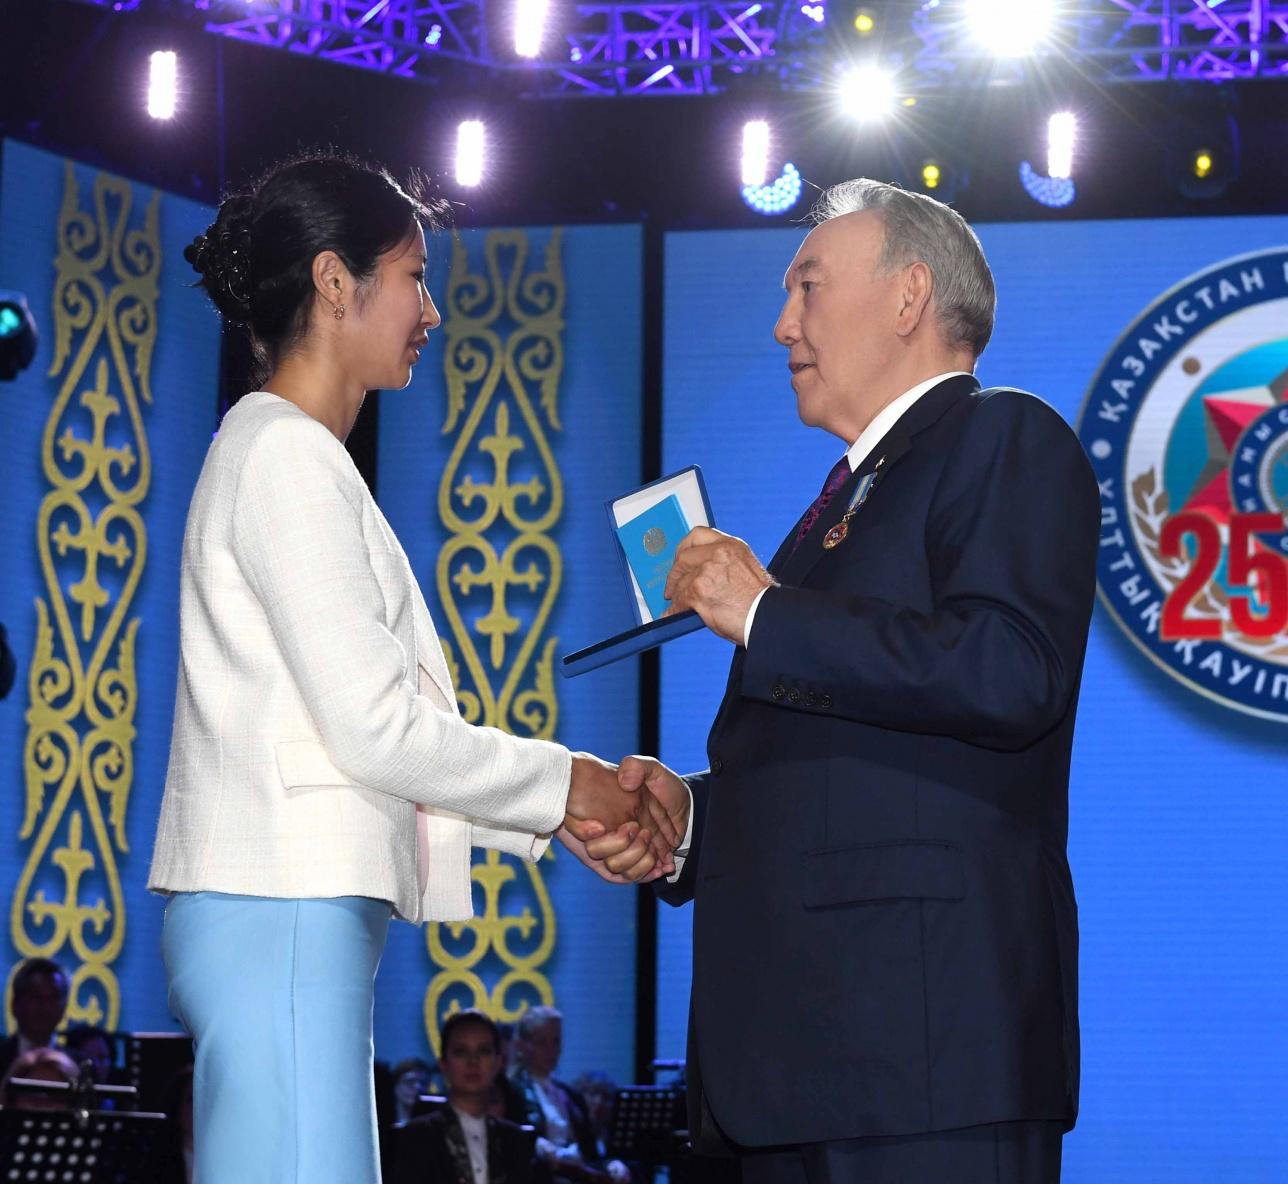 Глава государства награждает отличившихся сотрудников